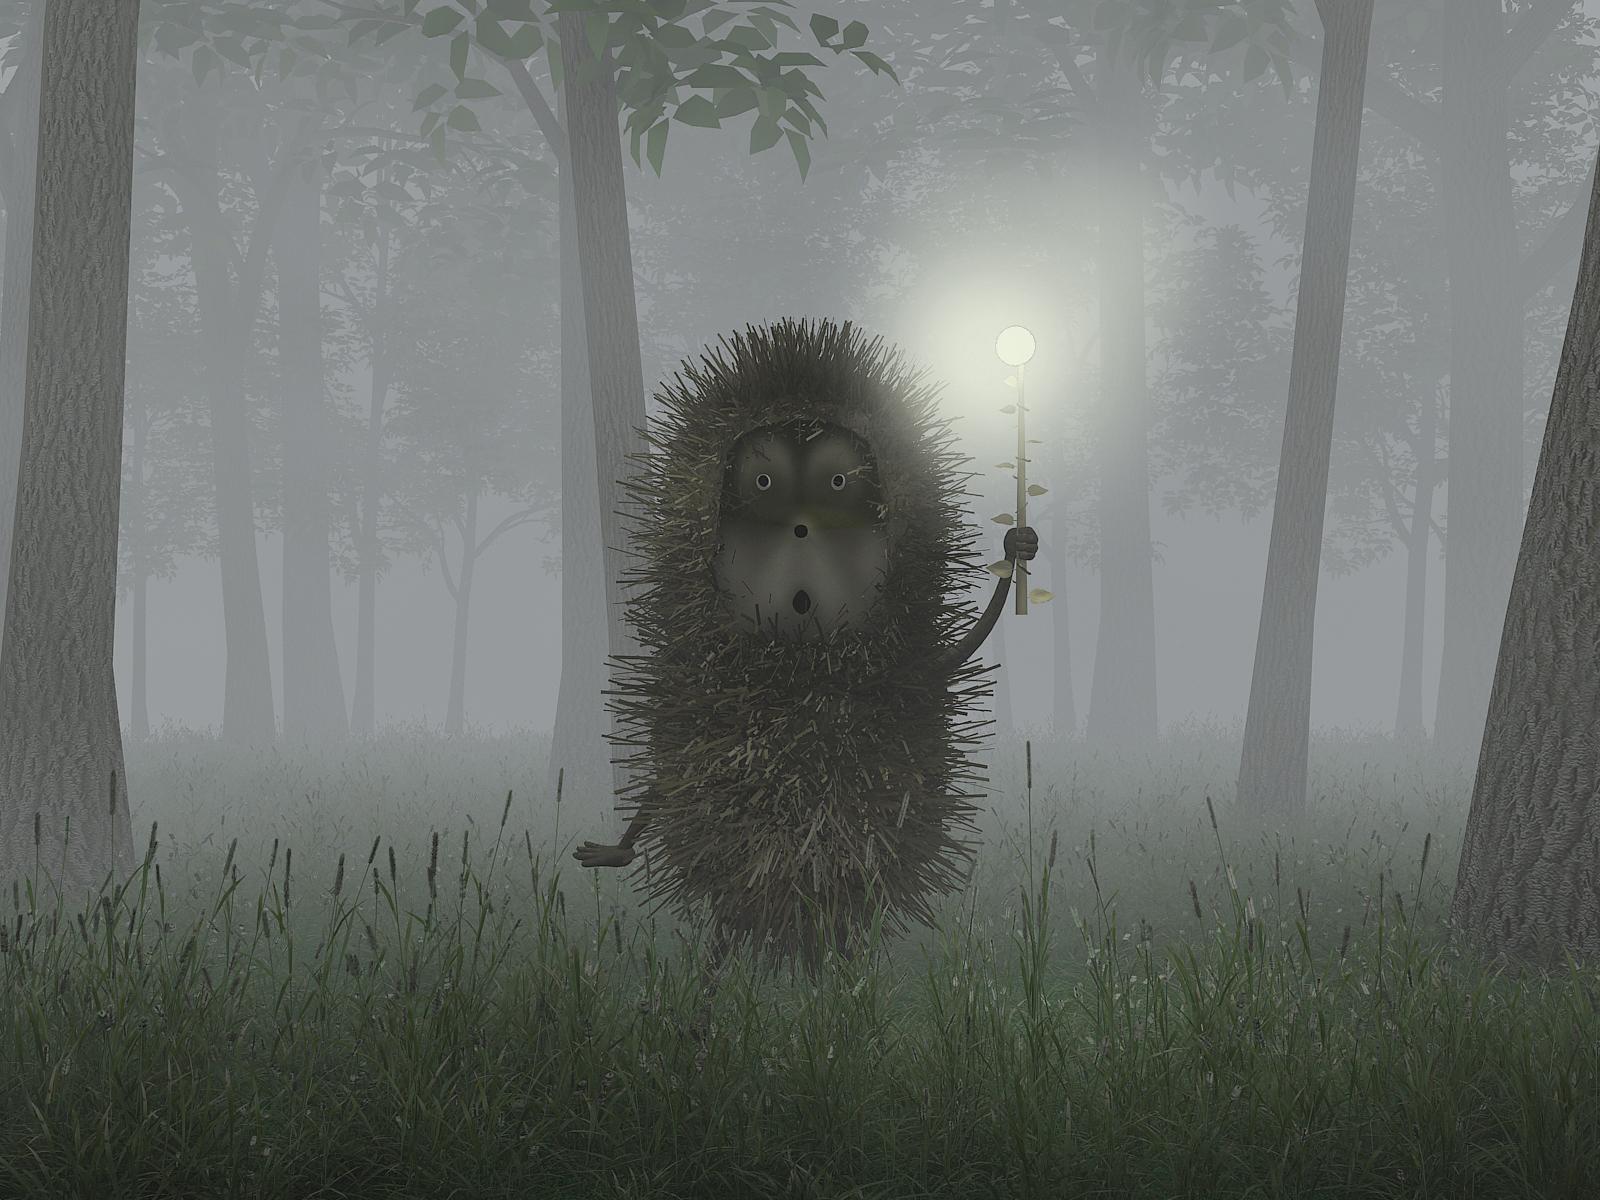 Смотреть онлайн ежик в тумане